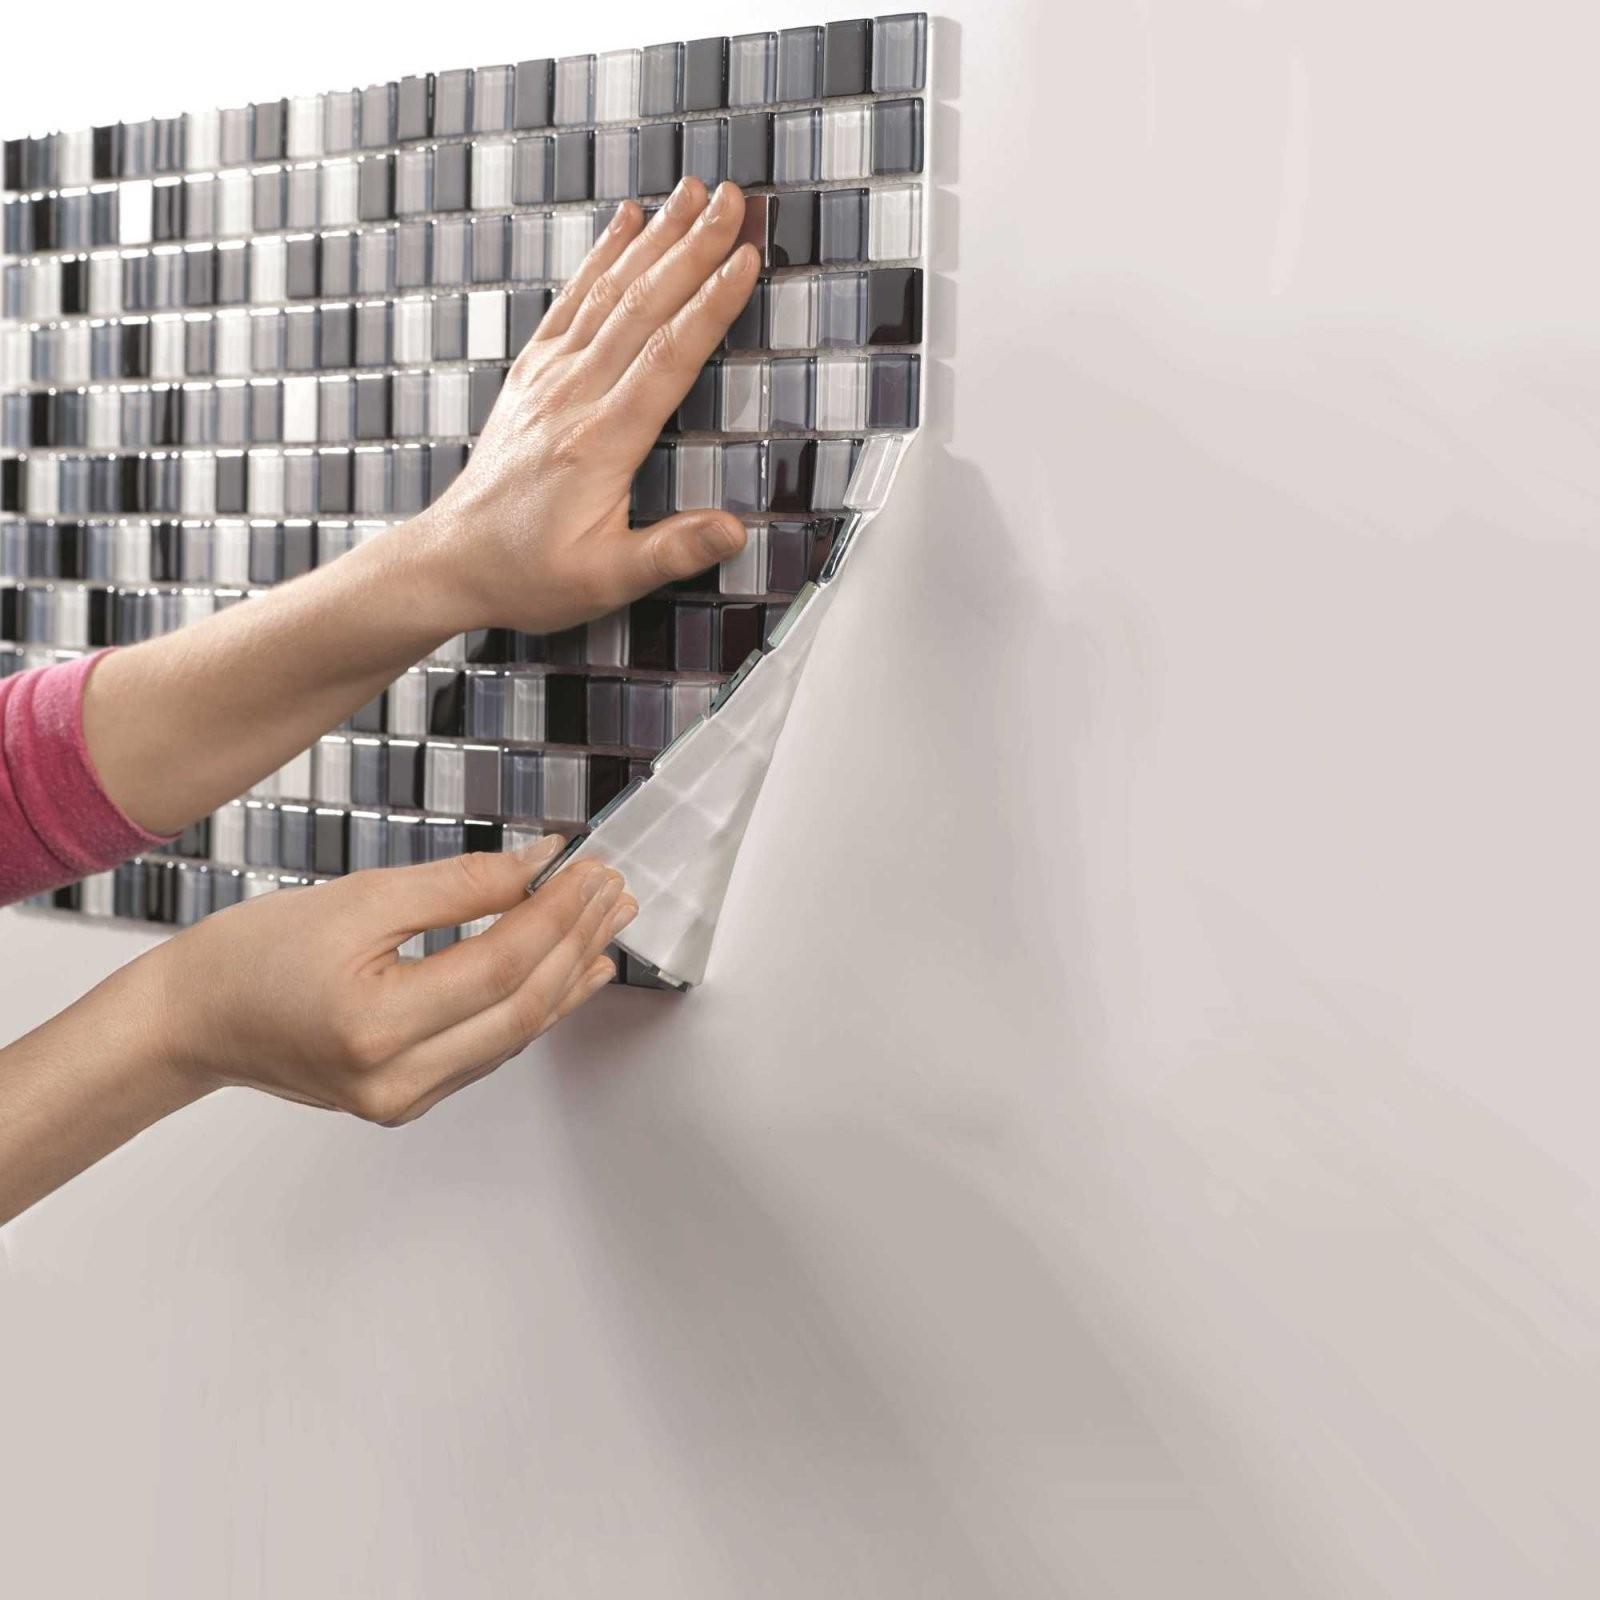 Mosaikfliesen Verlegen – Anleitung In 6 Schritten  Obi von Mosaik Fliesen Dusche Reinigen Bild